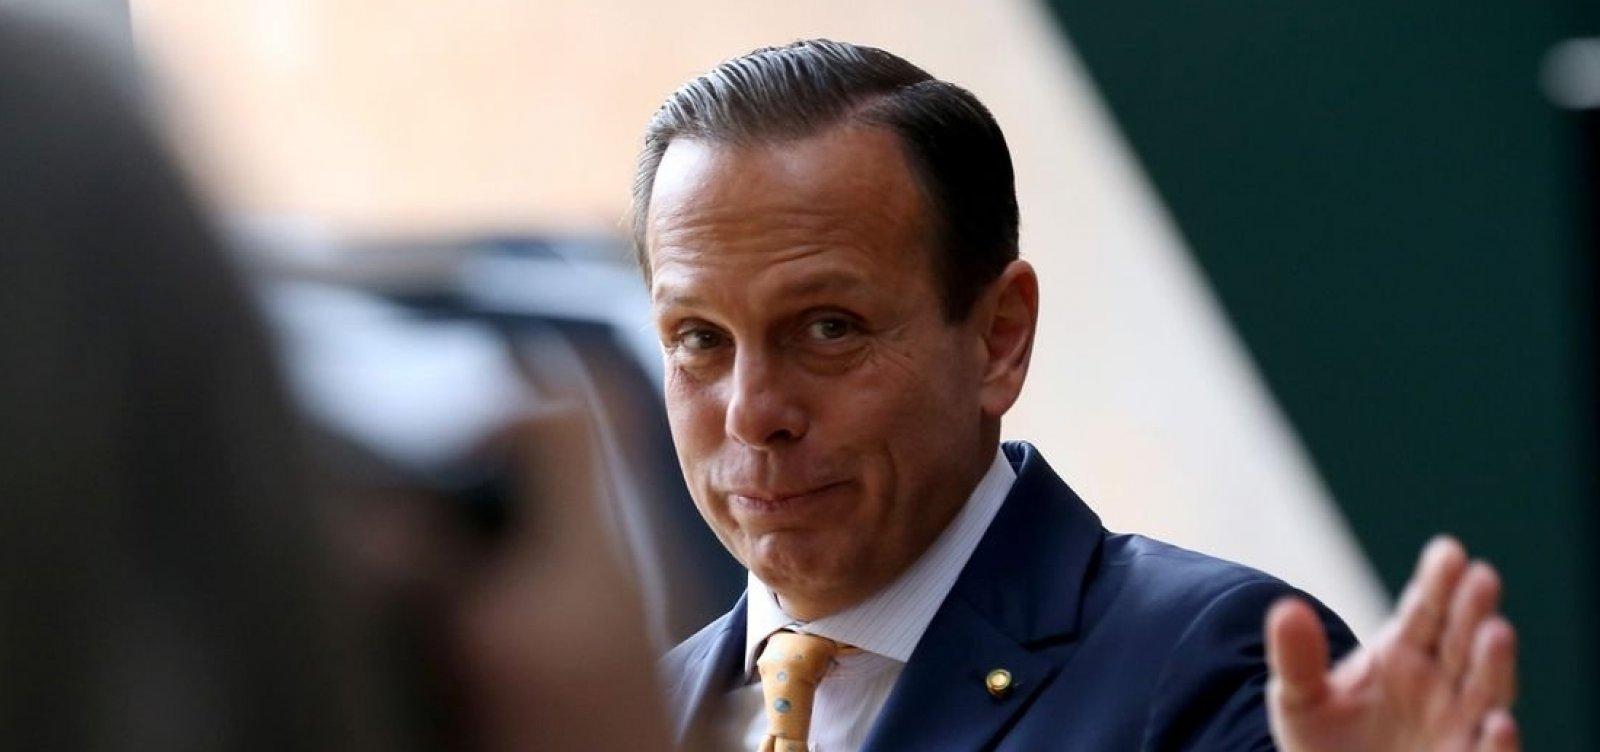 [Doria critica fala de Bolsonaro na ONU: 'Inadequada e inoportuna']